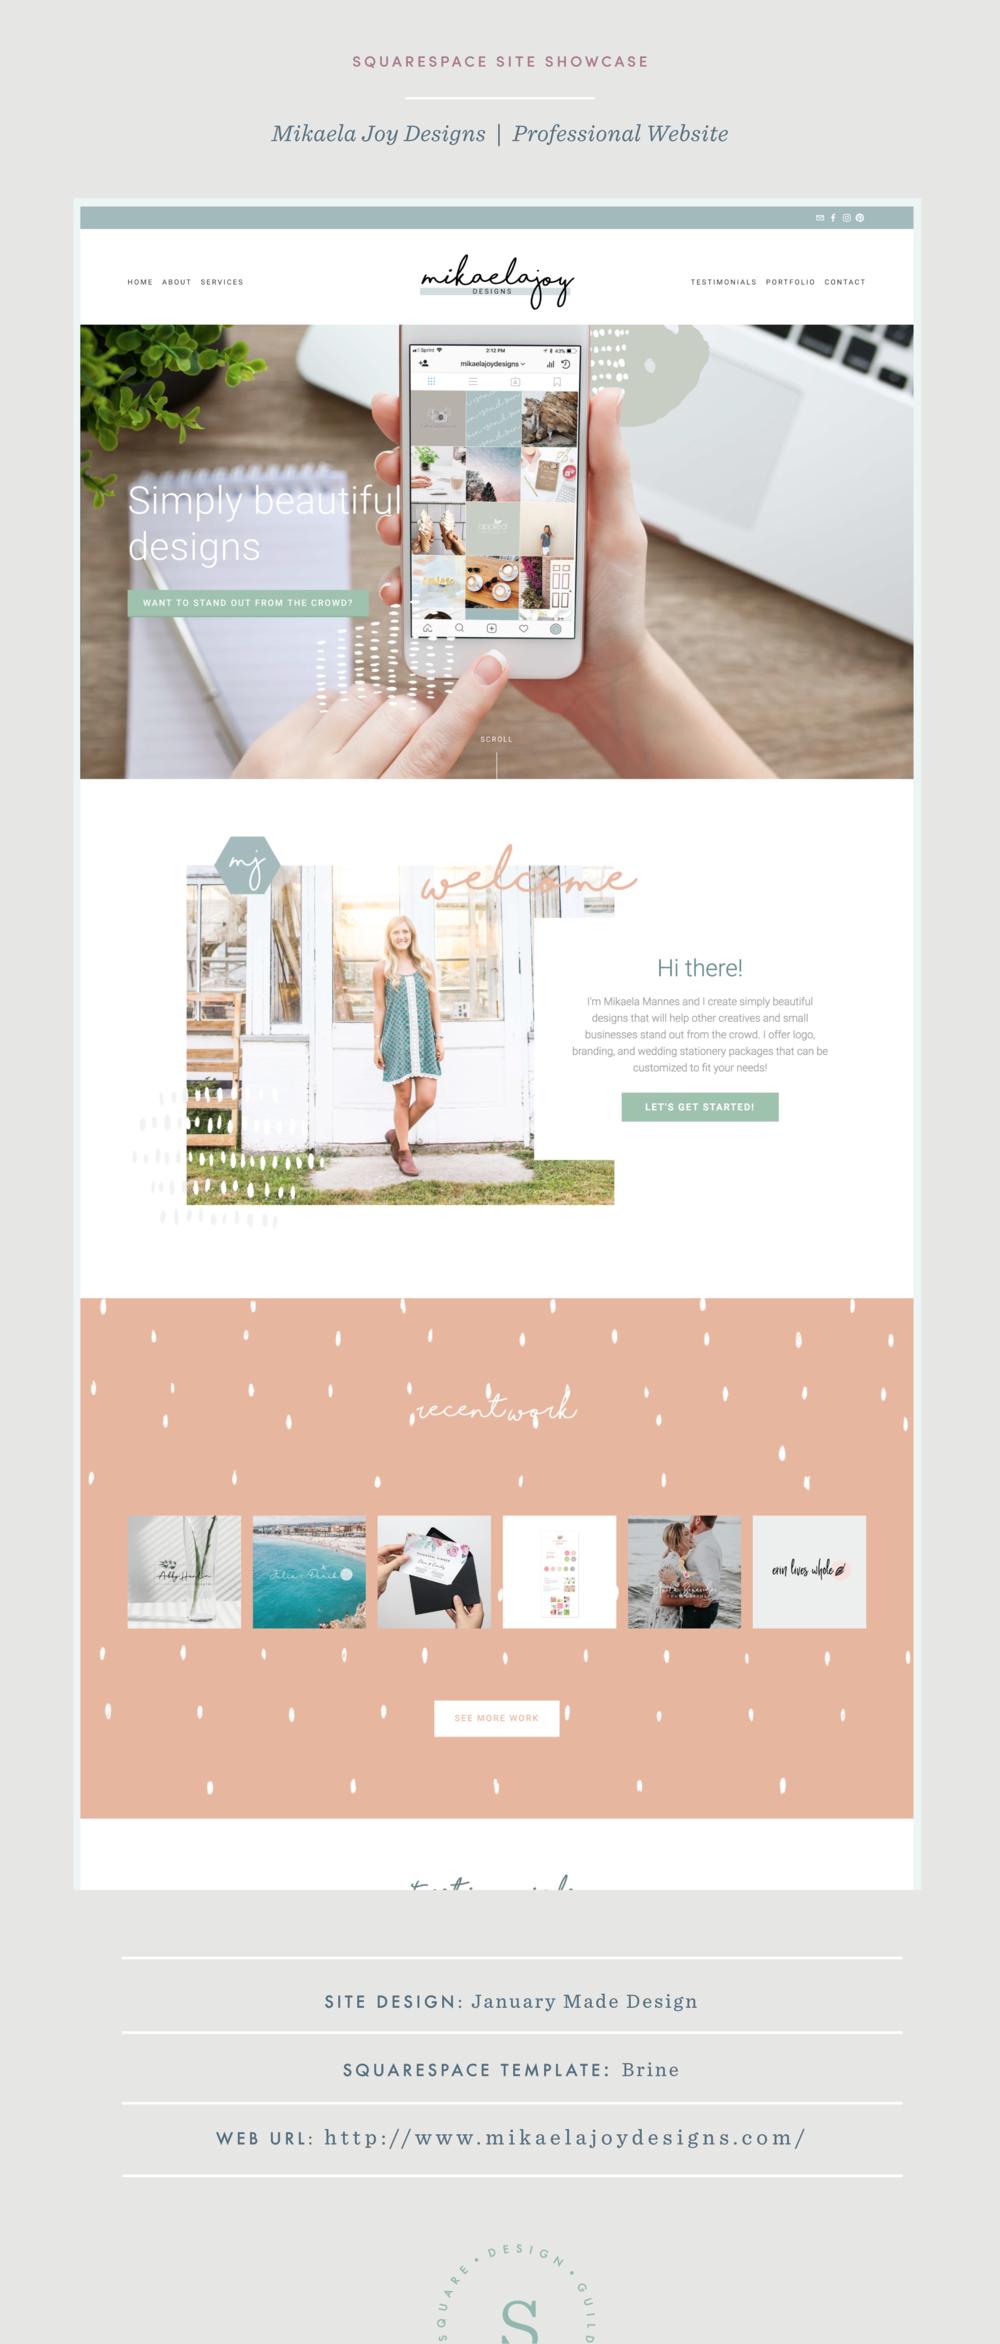 Mikaela Joy DesignsSiteShowcase_FullPost.png